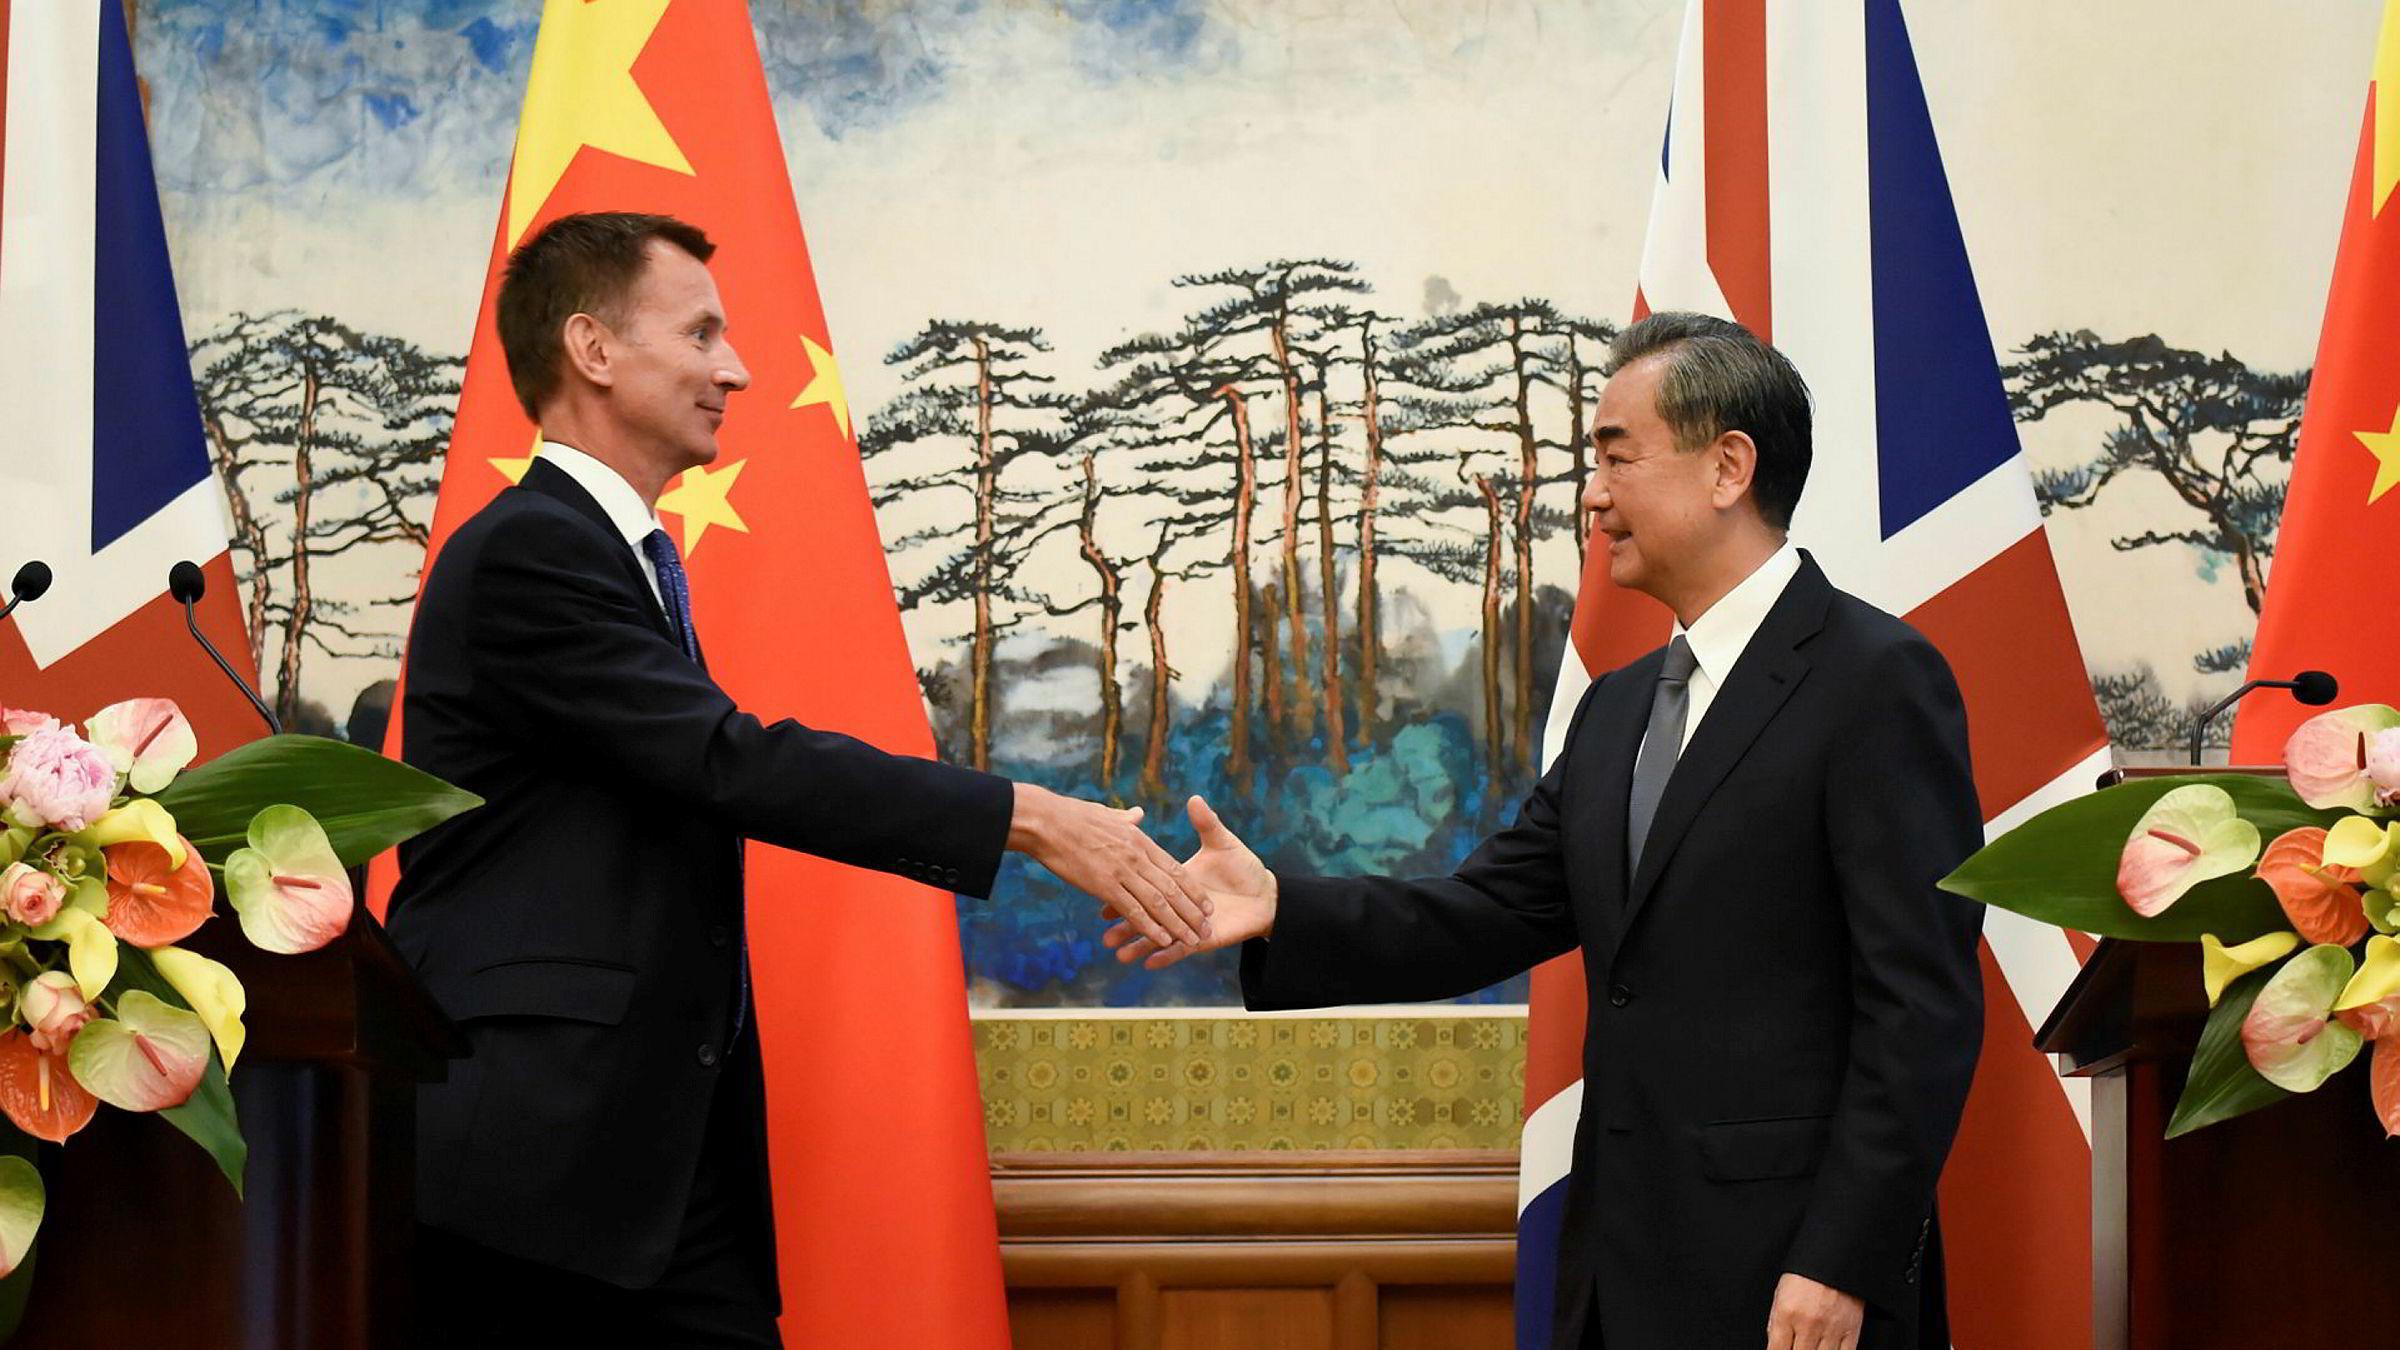 Storbritannias utenriksminister Jeremy Hunt tar Kinas utenriksminister Wang Yi i hånden etter en pressekonferanse i Beijing.